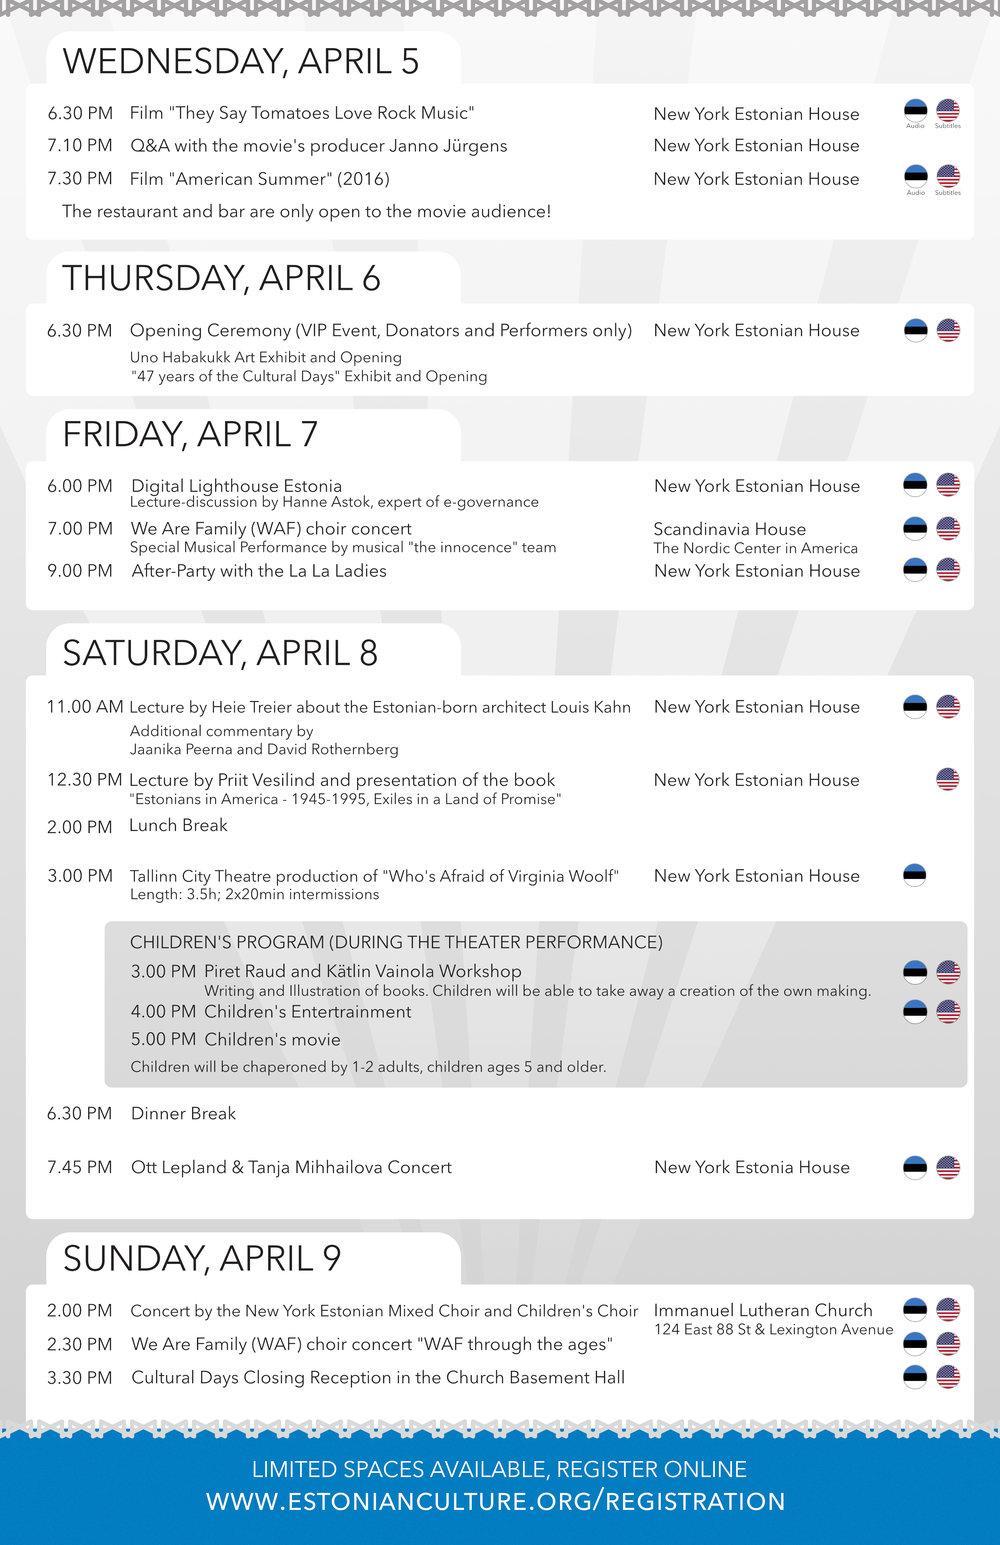 Full Schedule